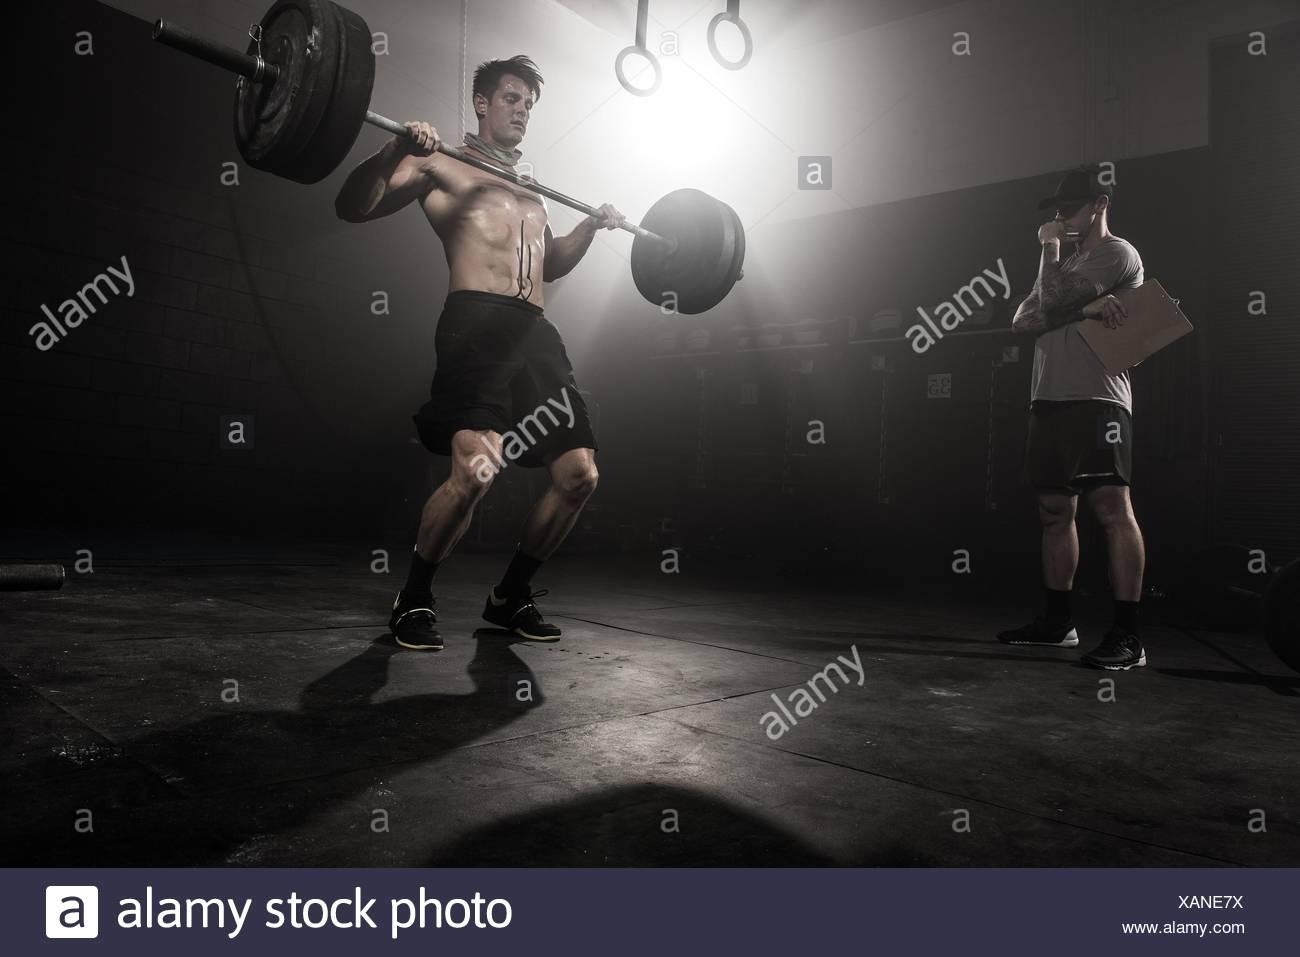 Mitad hombre adulto levantamiento barbell, mientras formador mira bajo ángulo de visión Imagen De Stock